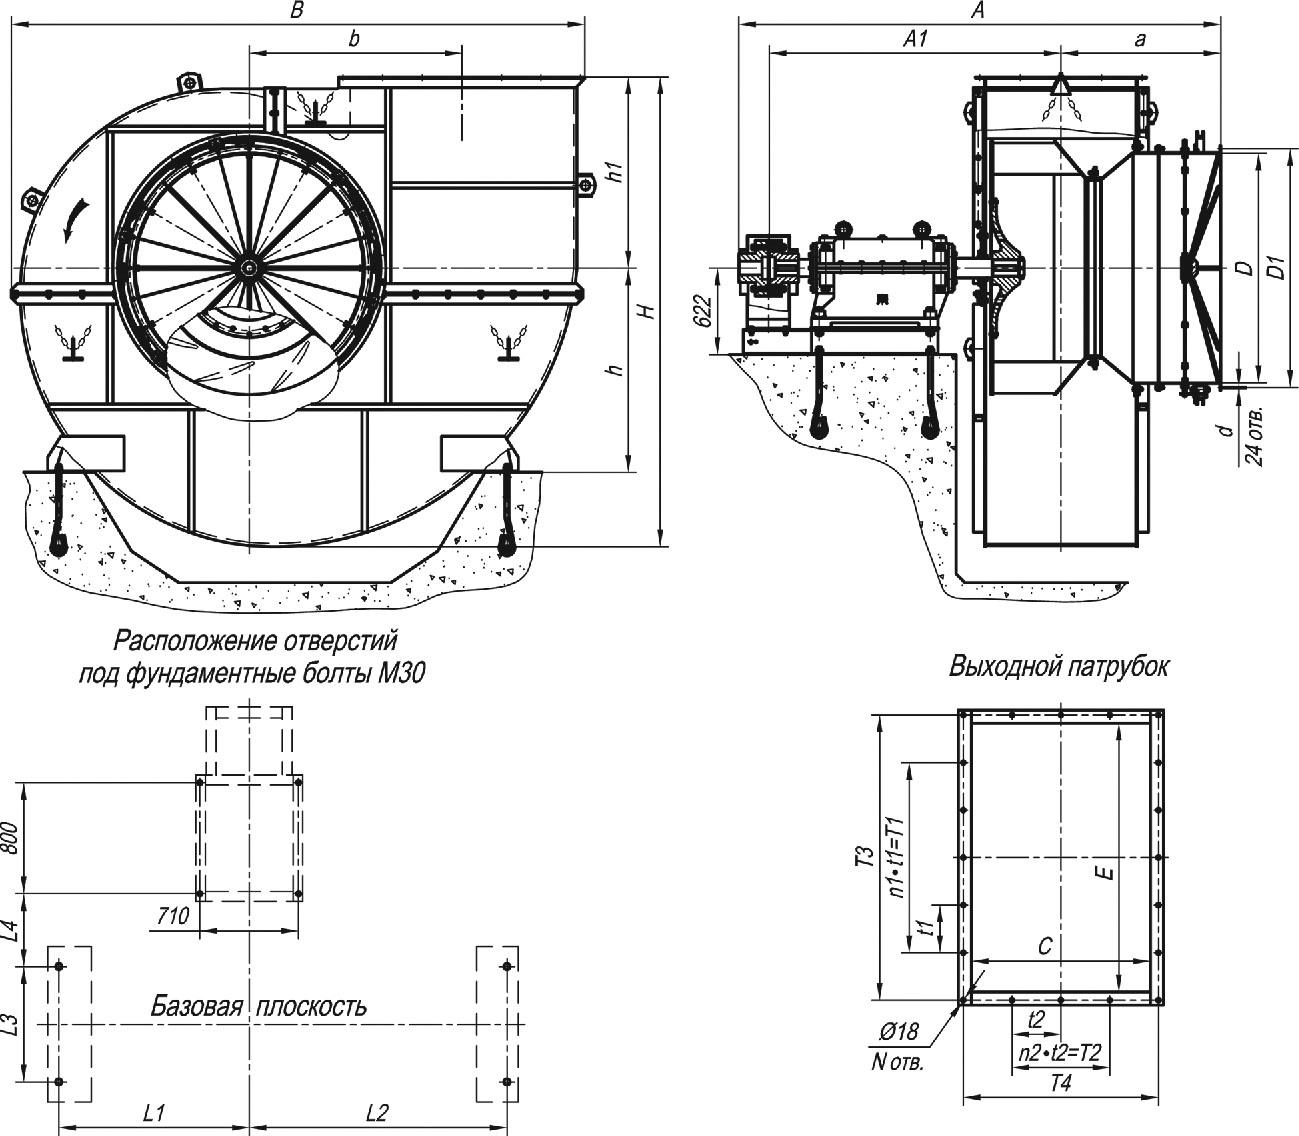 ВДН-22 габаритные и присоединительные размеры